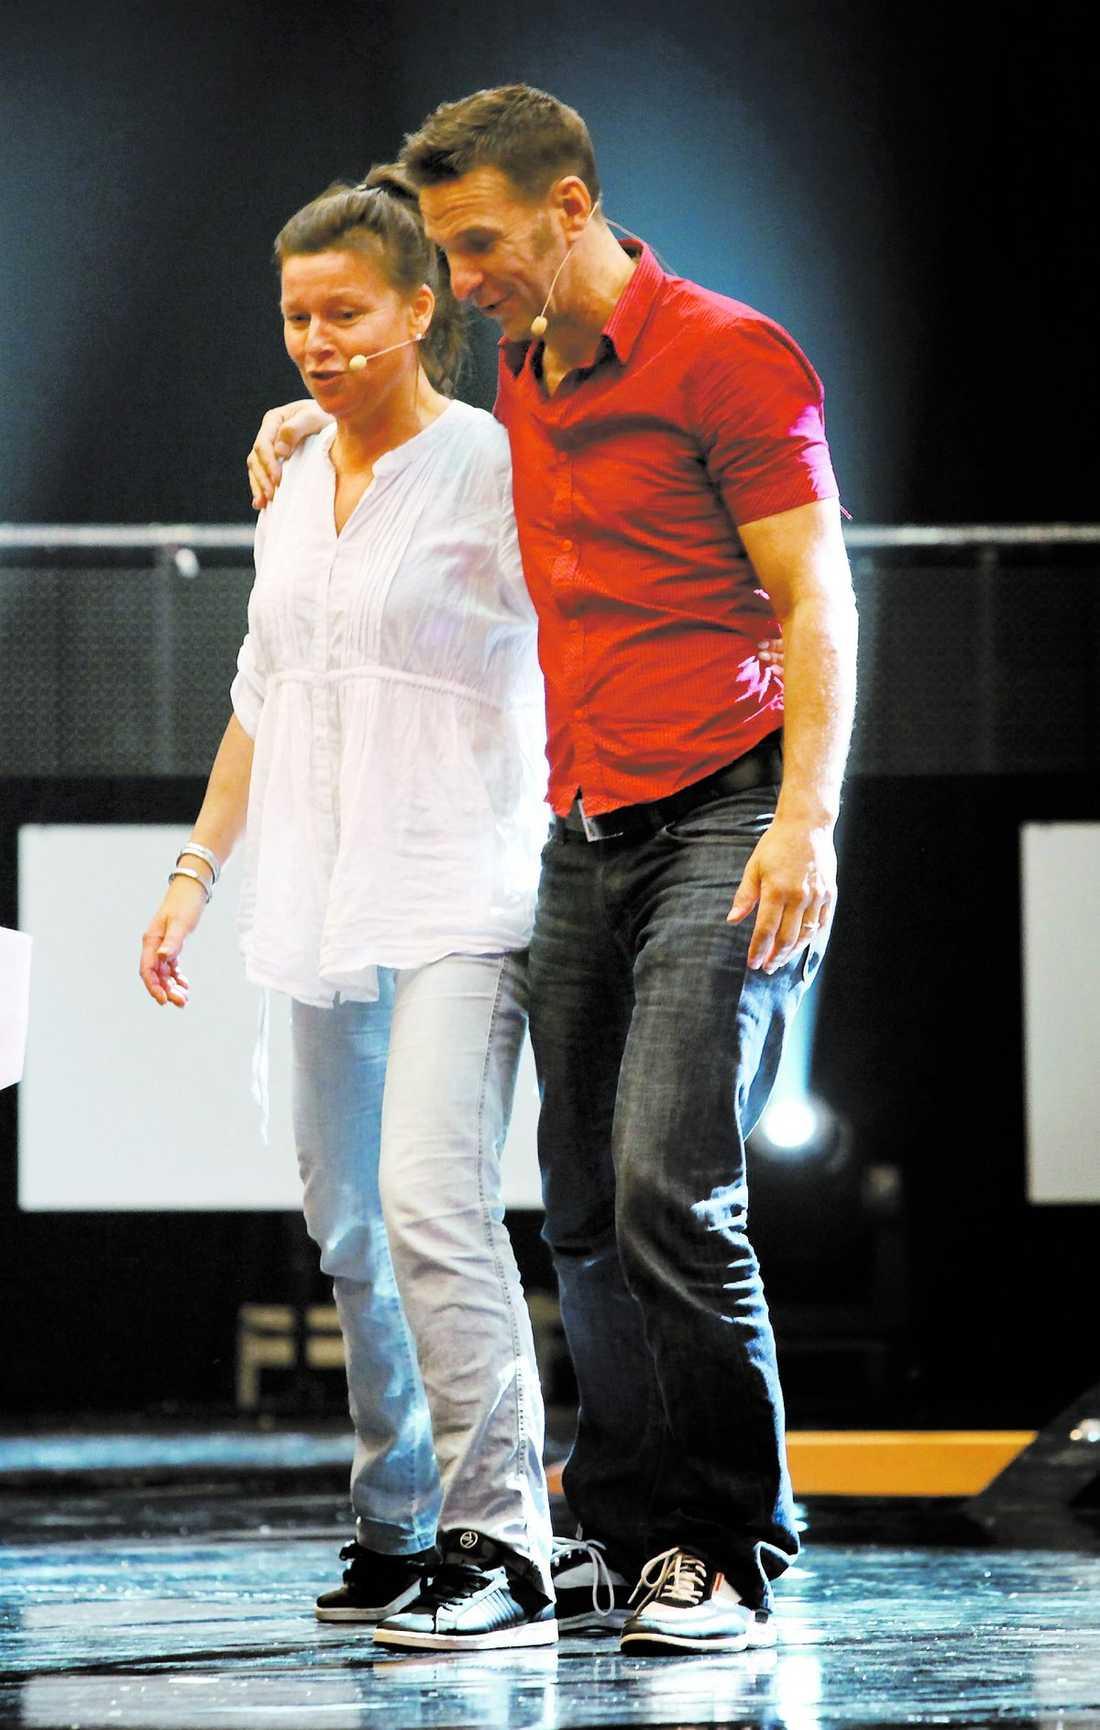 """Lotta Engberg och Anders Lundin håller om varandra under repetitionerna inför kvällens tv-gala. """"Vi har hållit kontakten hela tiden i sommar"""", säger Lotta."""